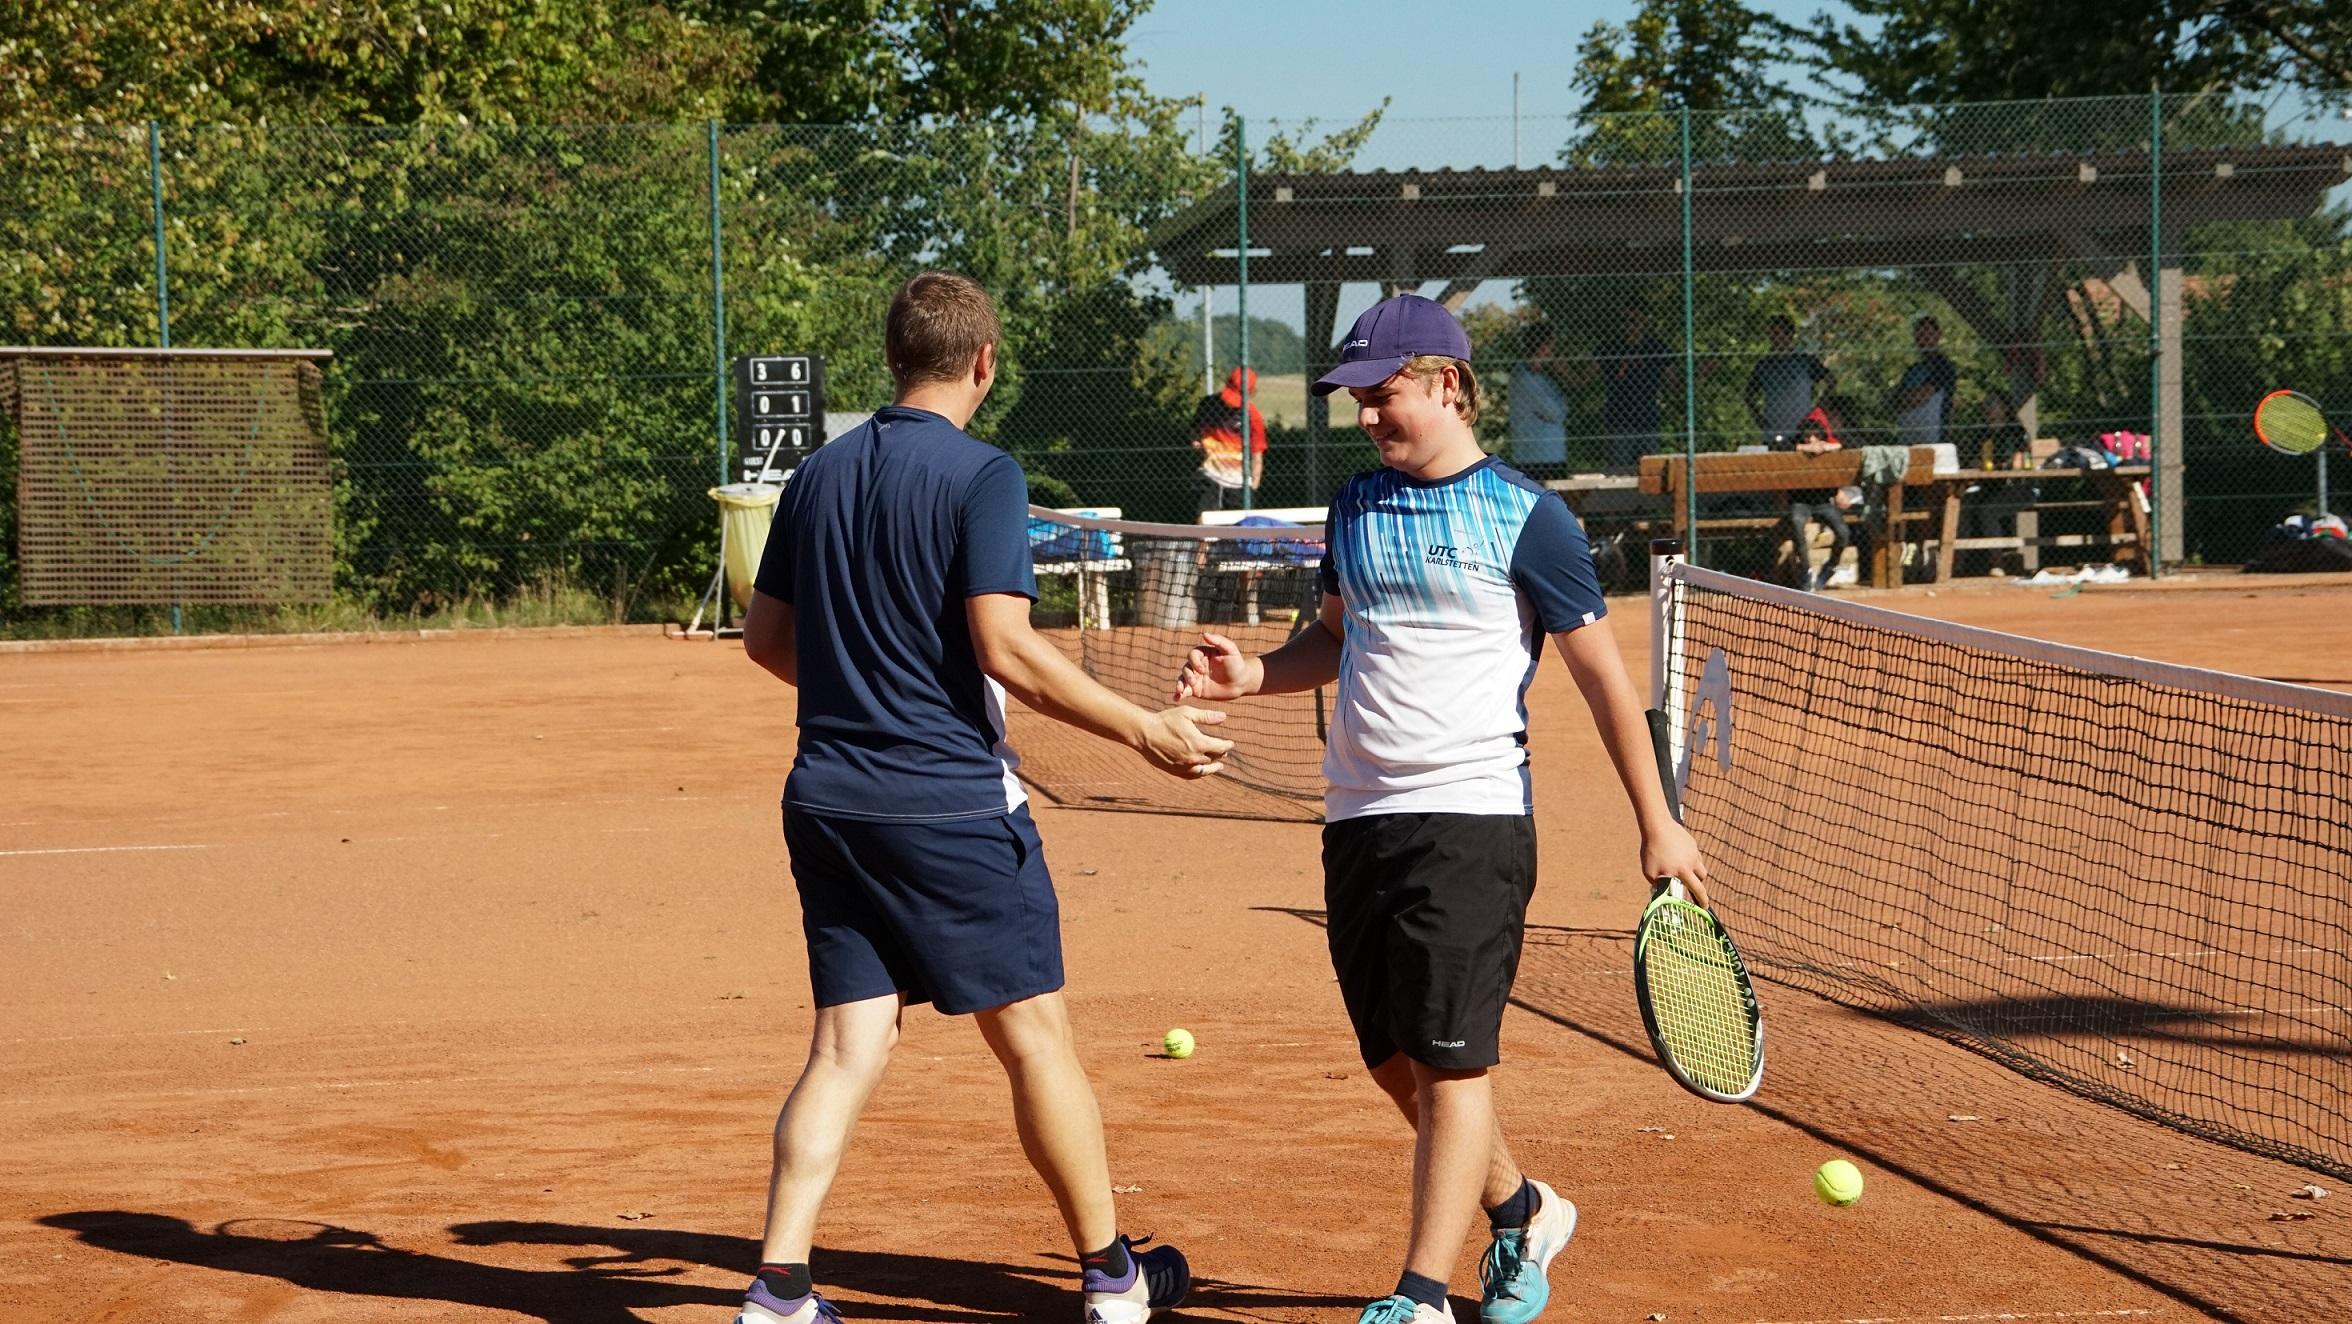 Interne Doppelmeisterschaften bei Kaiserwetter tennis doppel karlstetten 2021 5